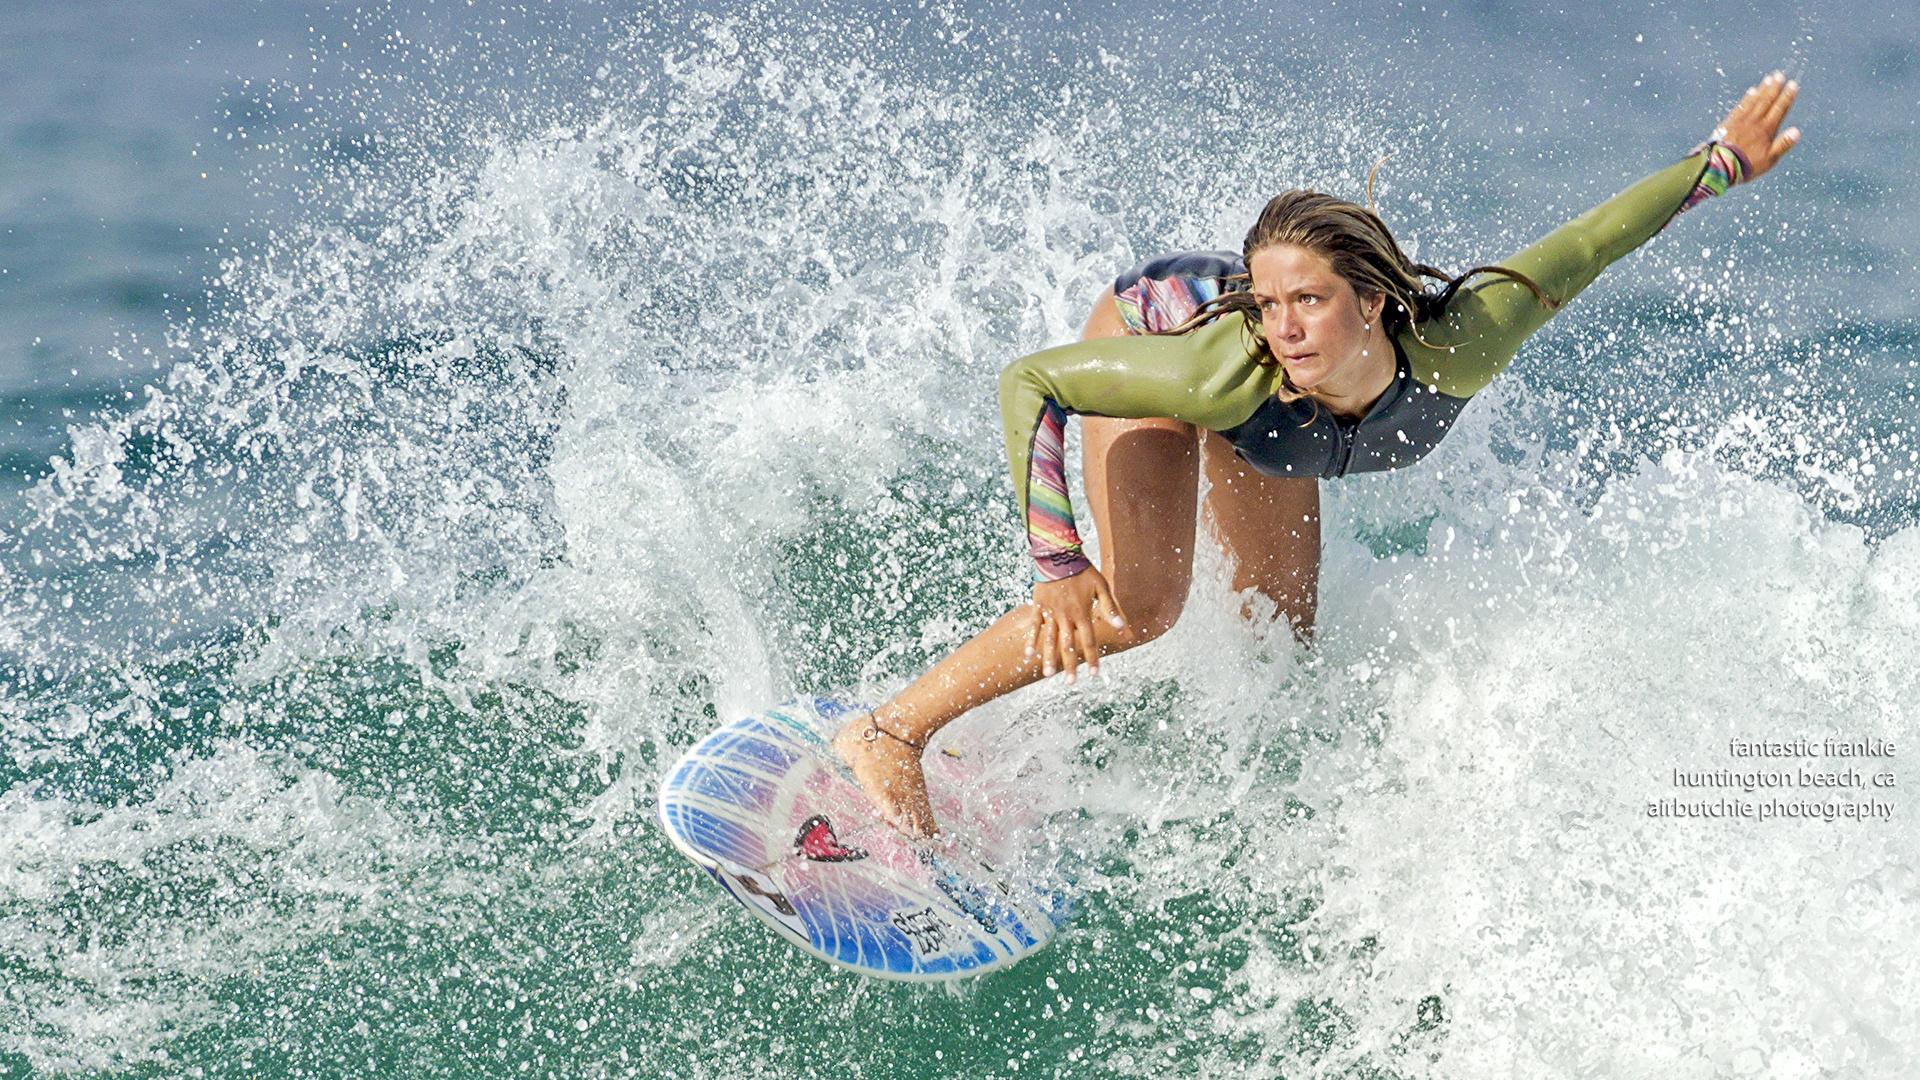 壁紙 1920x1080 サーフィン 水 Suit Neuprene 水飛沫 スポーツ